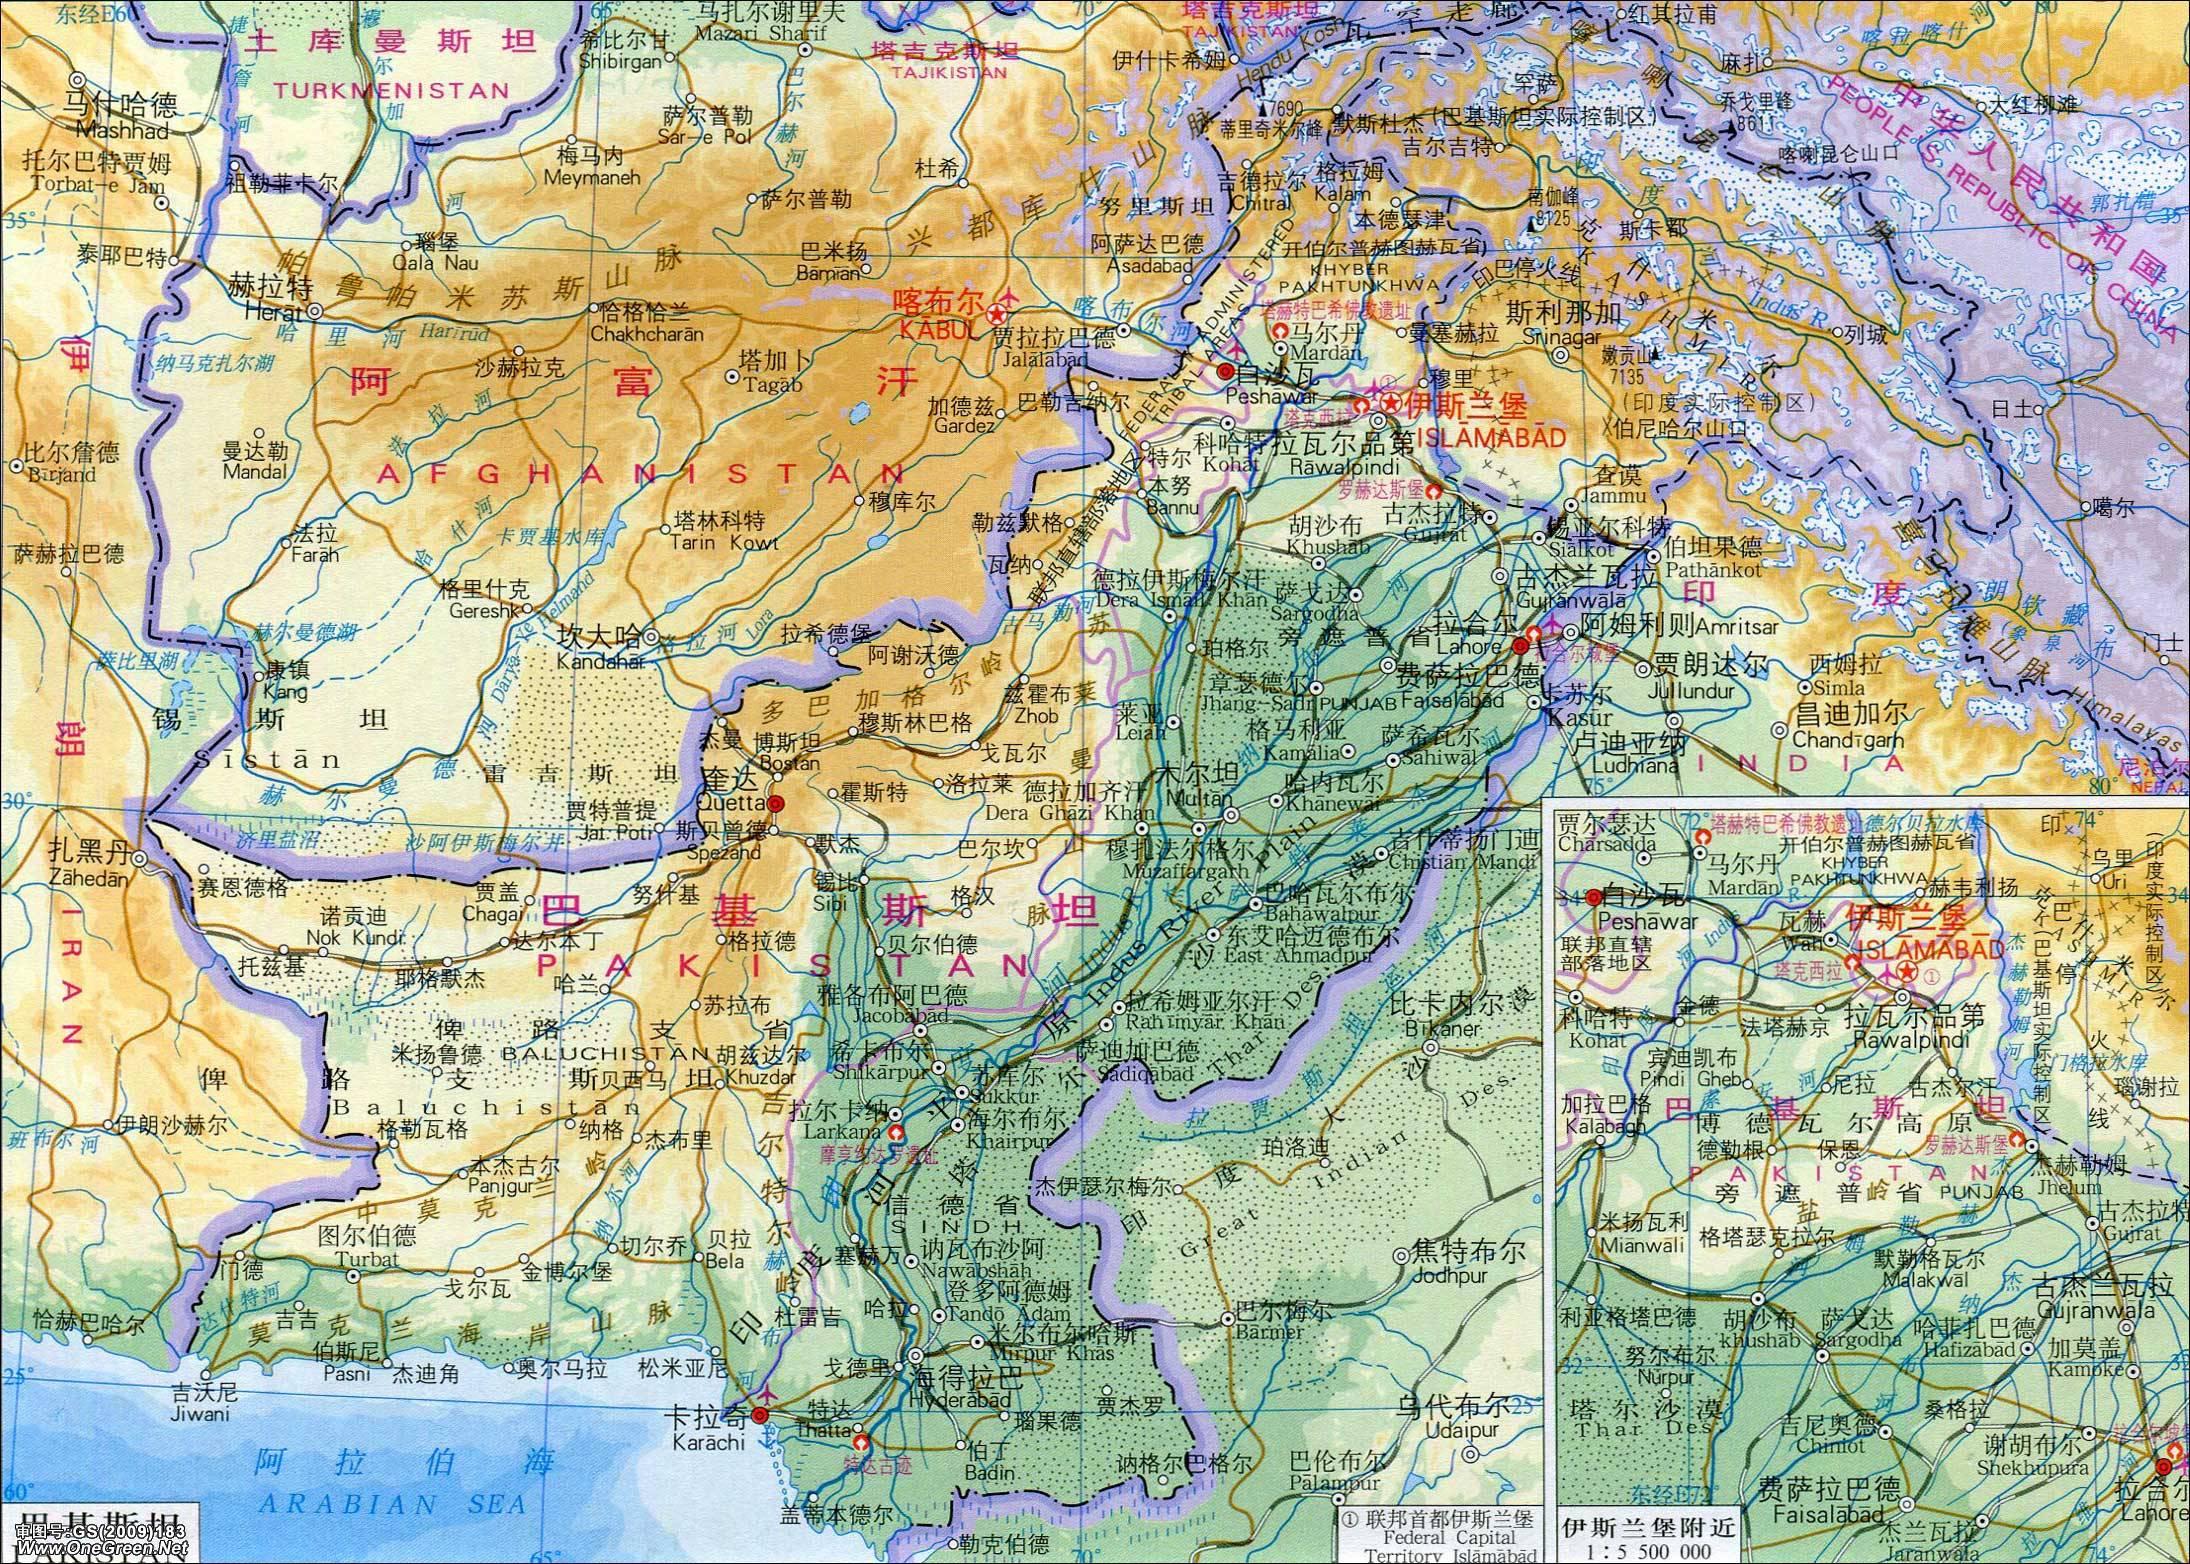 巴基斯坦地图(地形版)_巴基斯坦地图库_地图窝图片